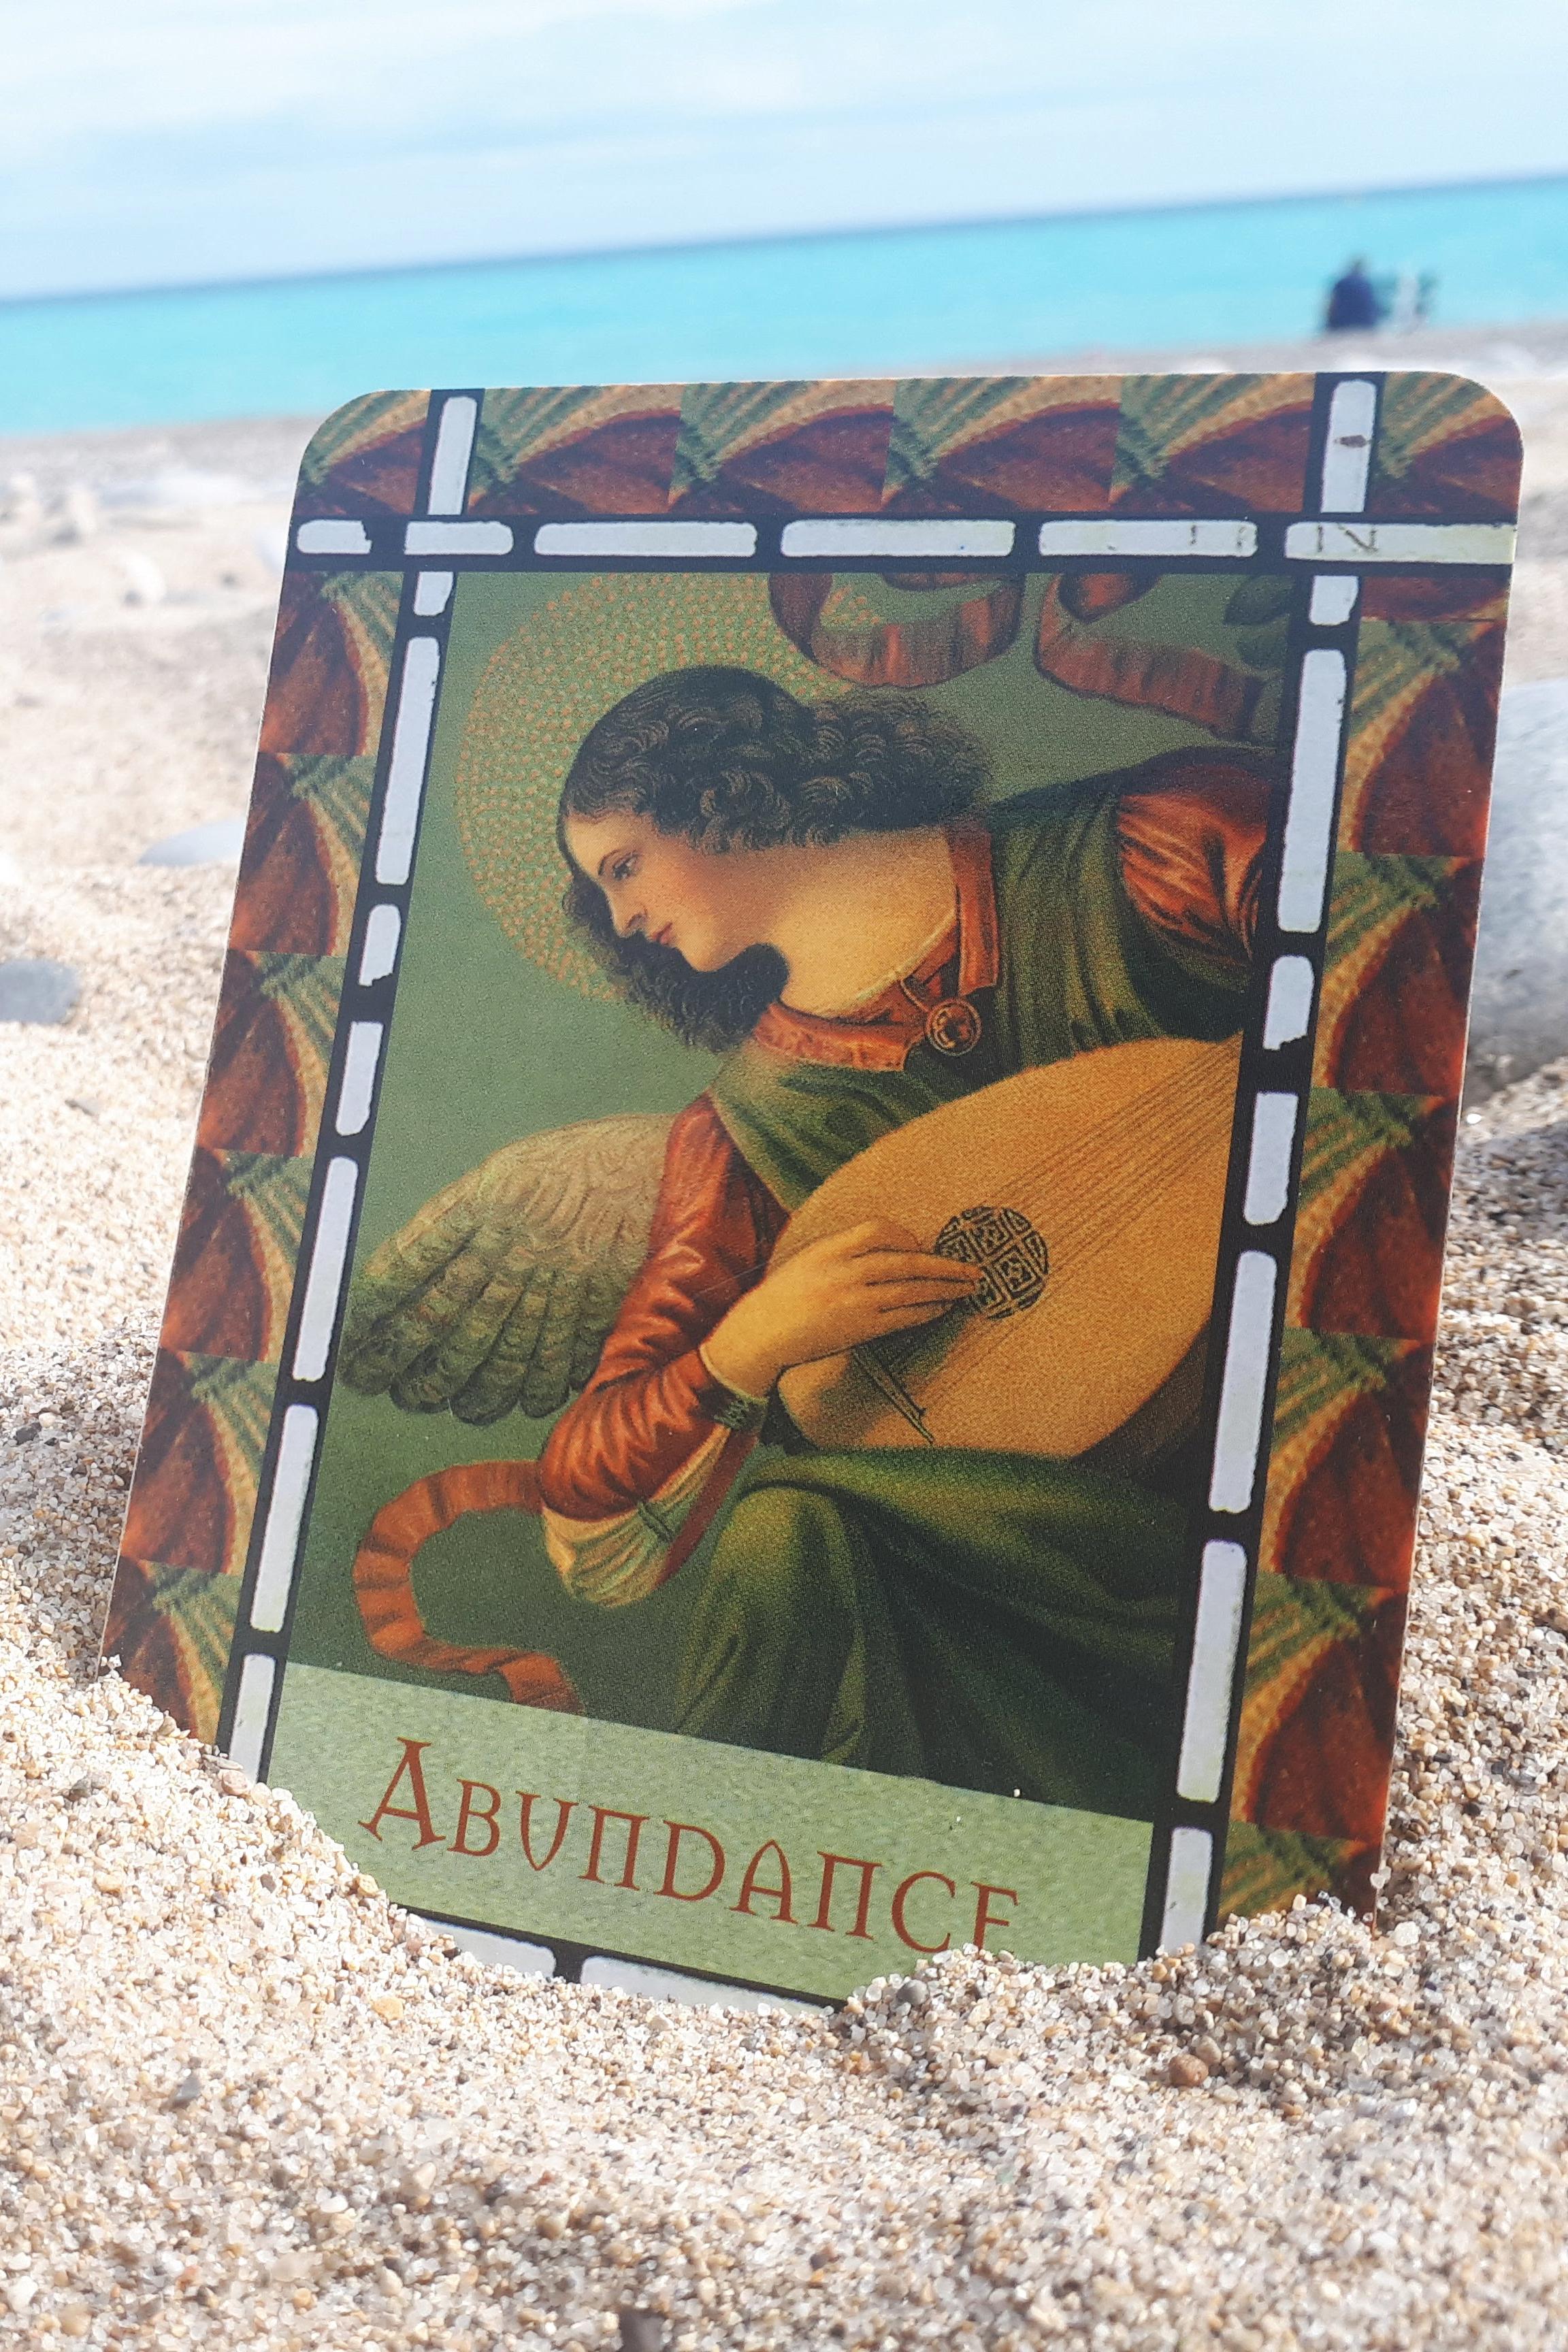 Learn the cards on the beach